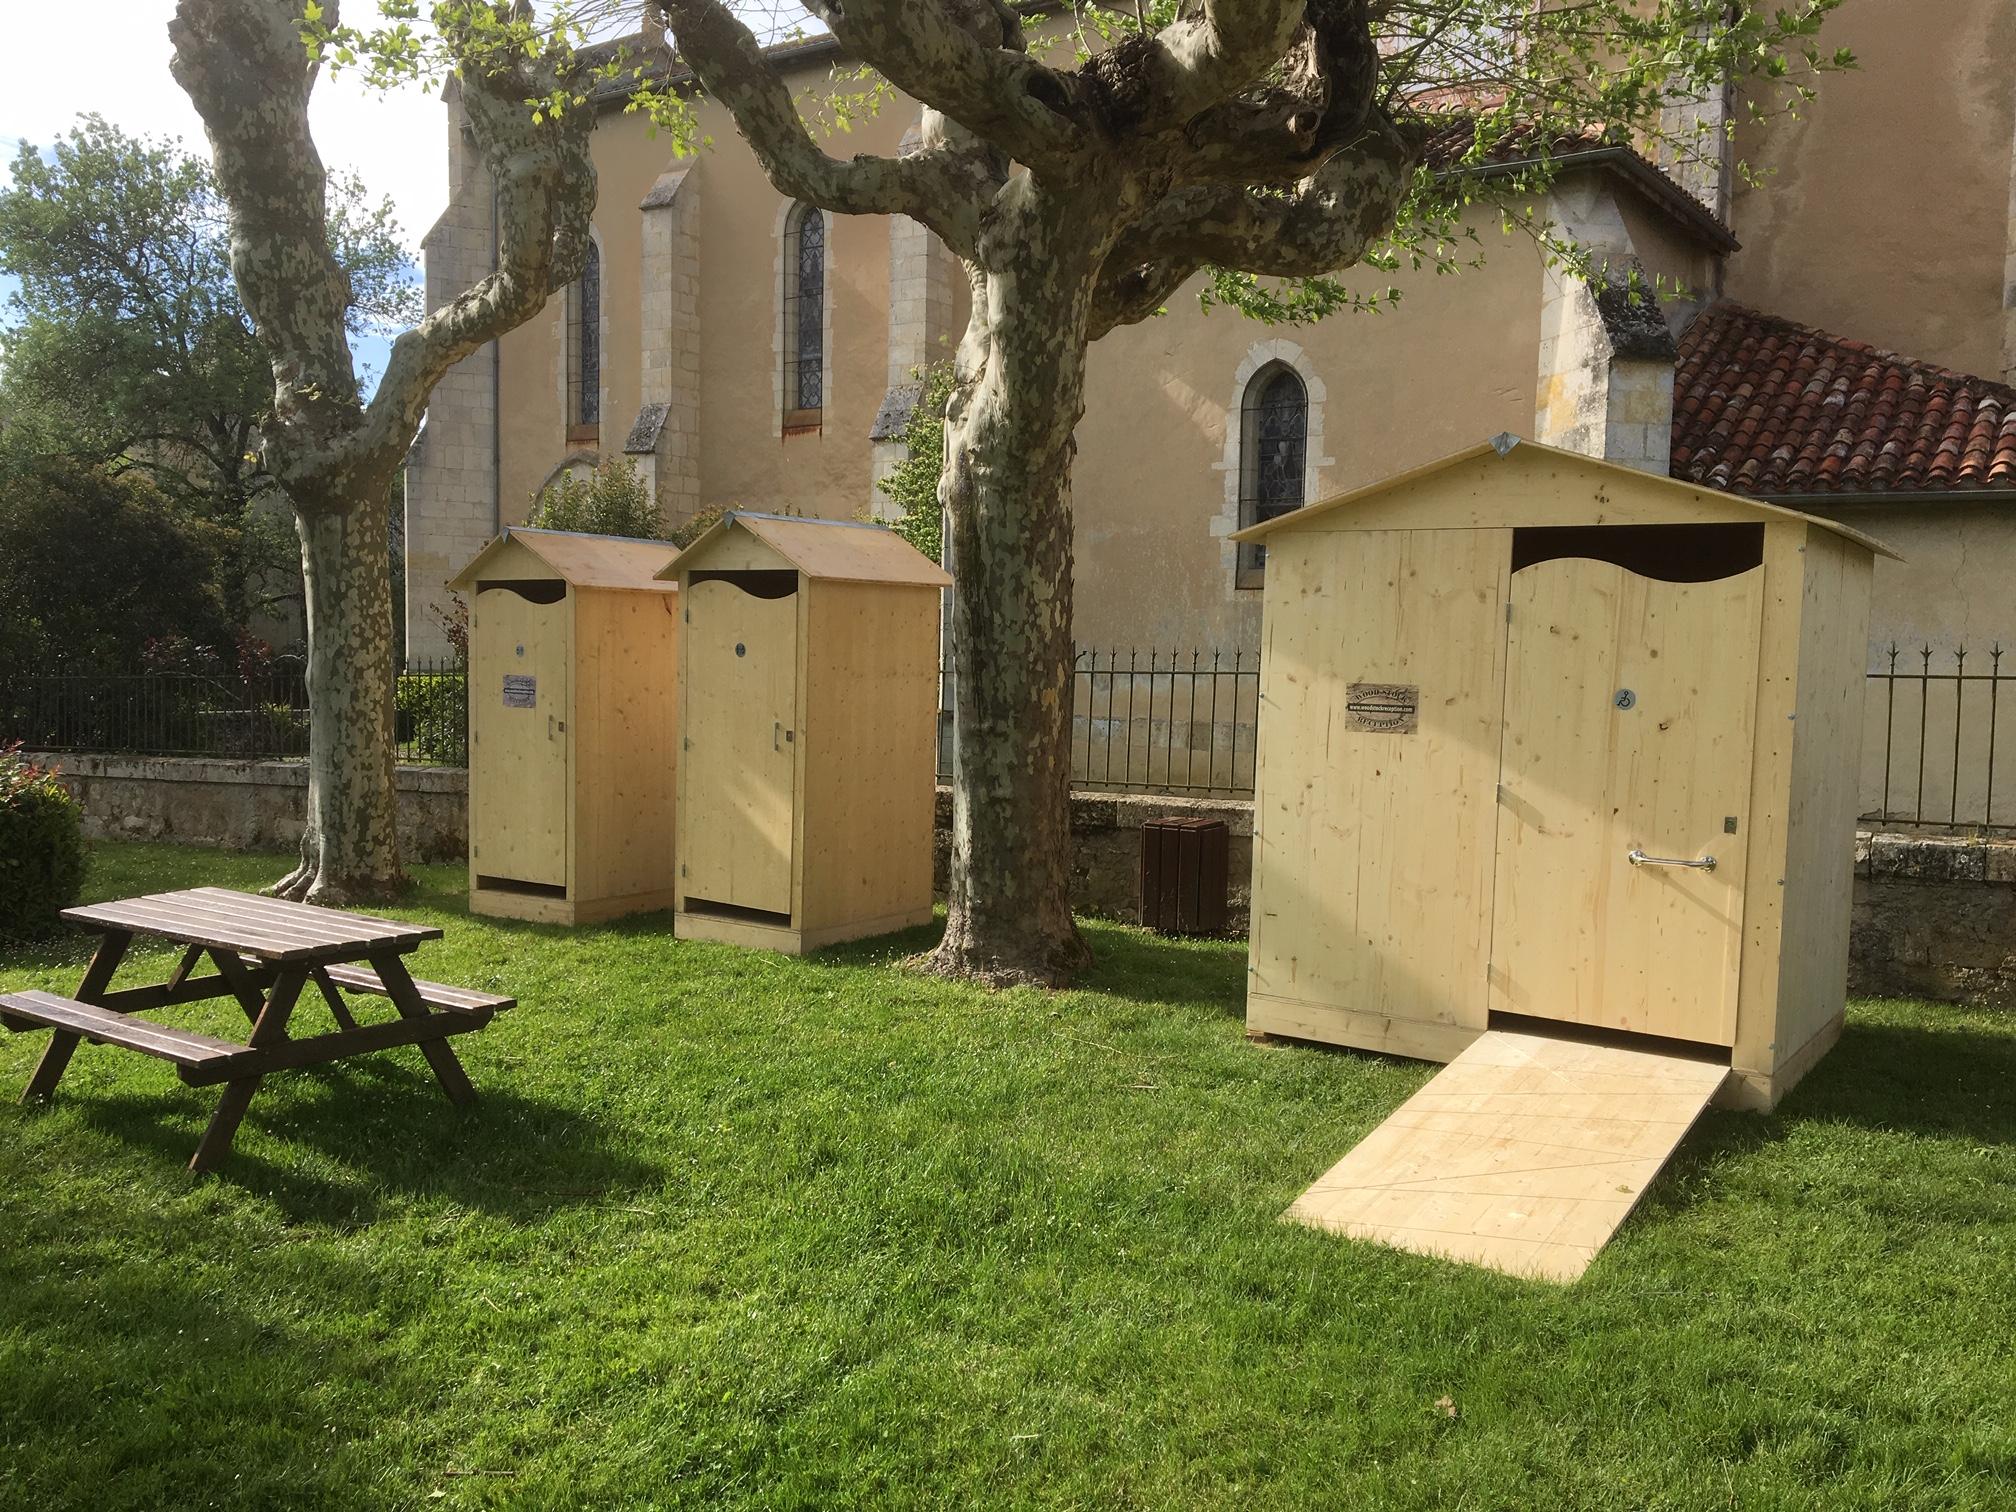 location toilettes séches PMR évenements et réception Gers -Sud Ouest - Wood stock reception - location mobilier bois réception